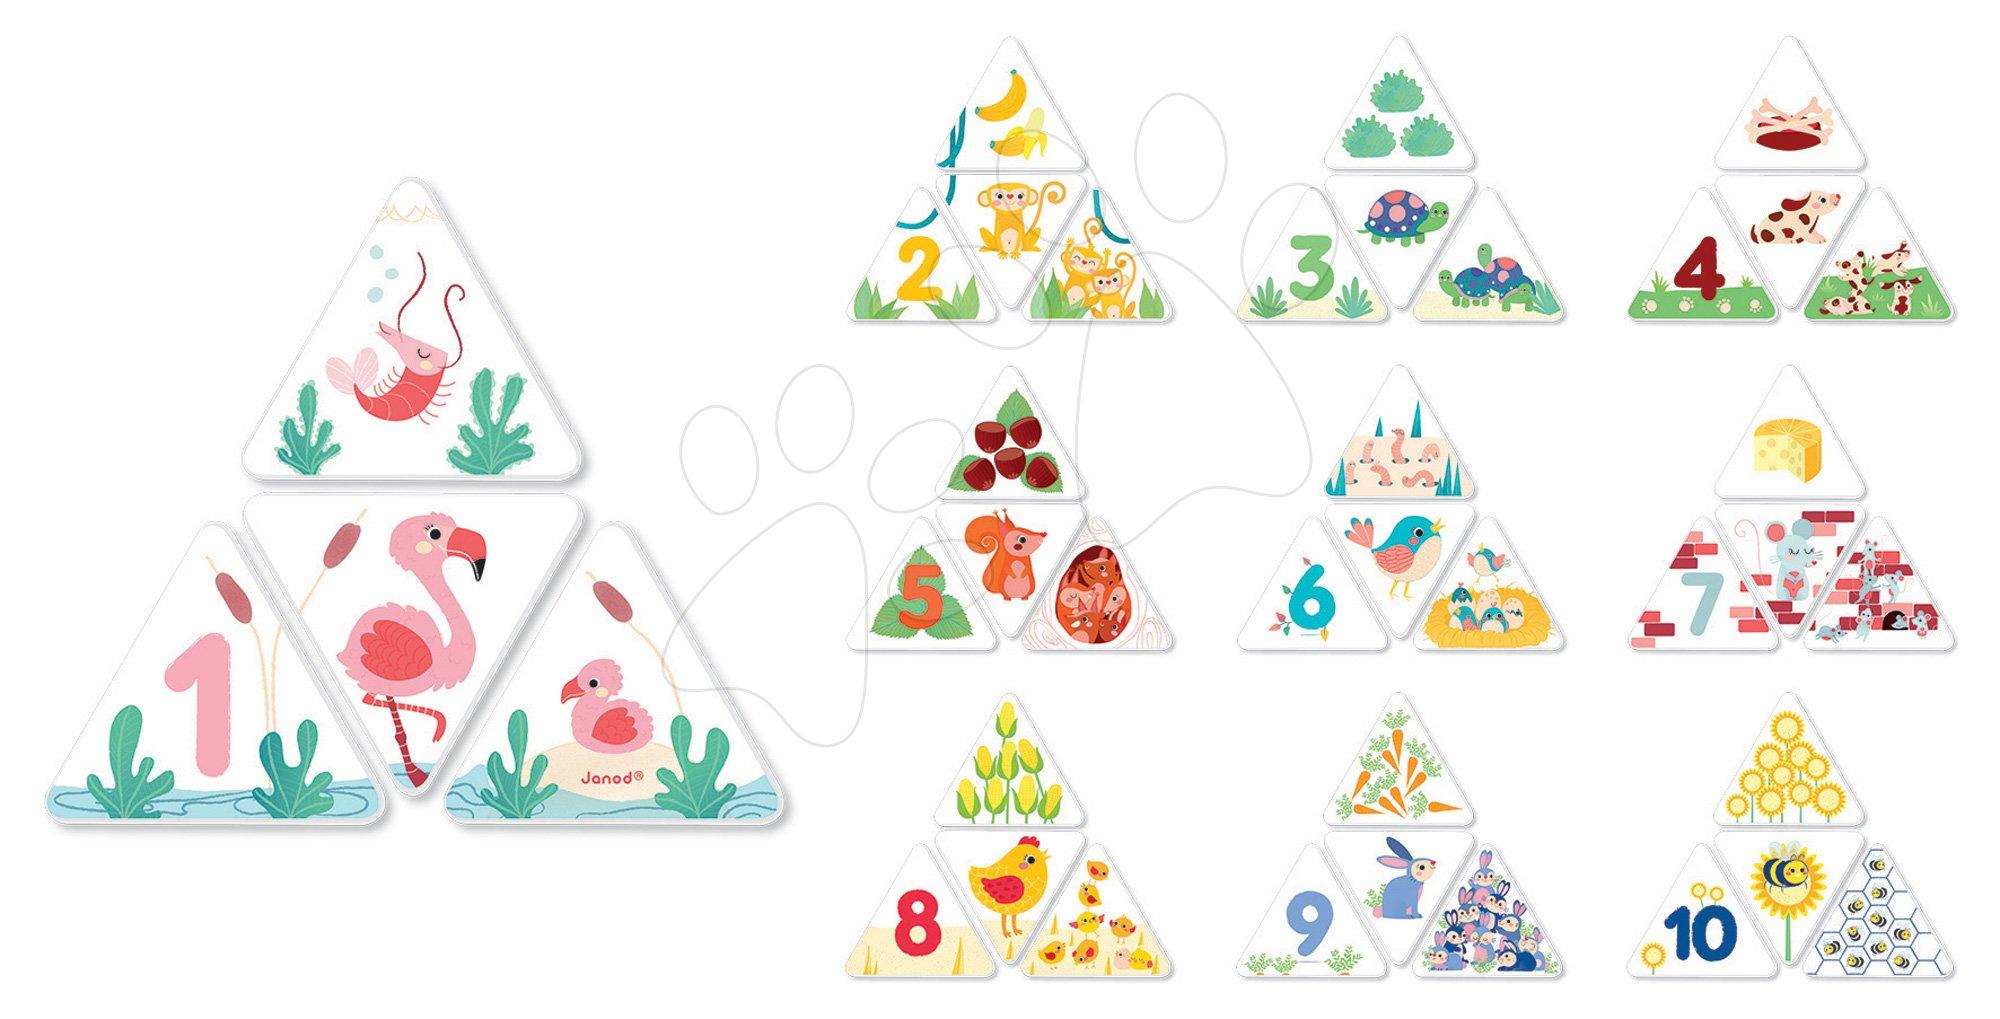 Cudzojazyčné spoločenské hry - Spoločenská hra Matching 123 Number Game Janod od 3 rokov